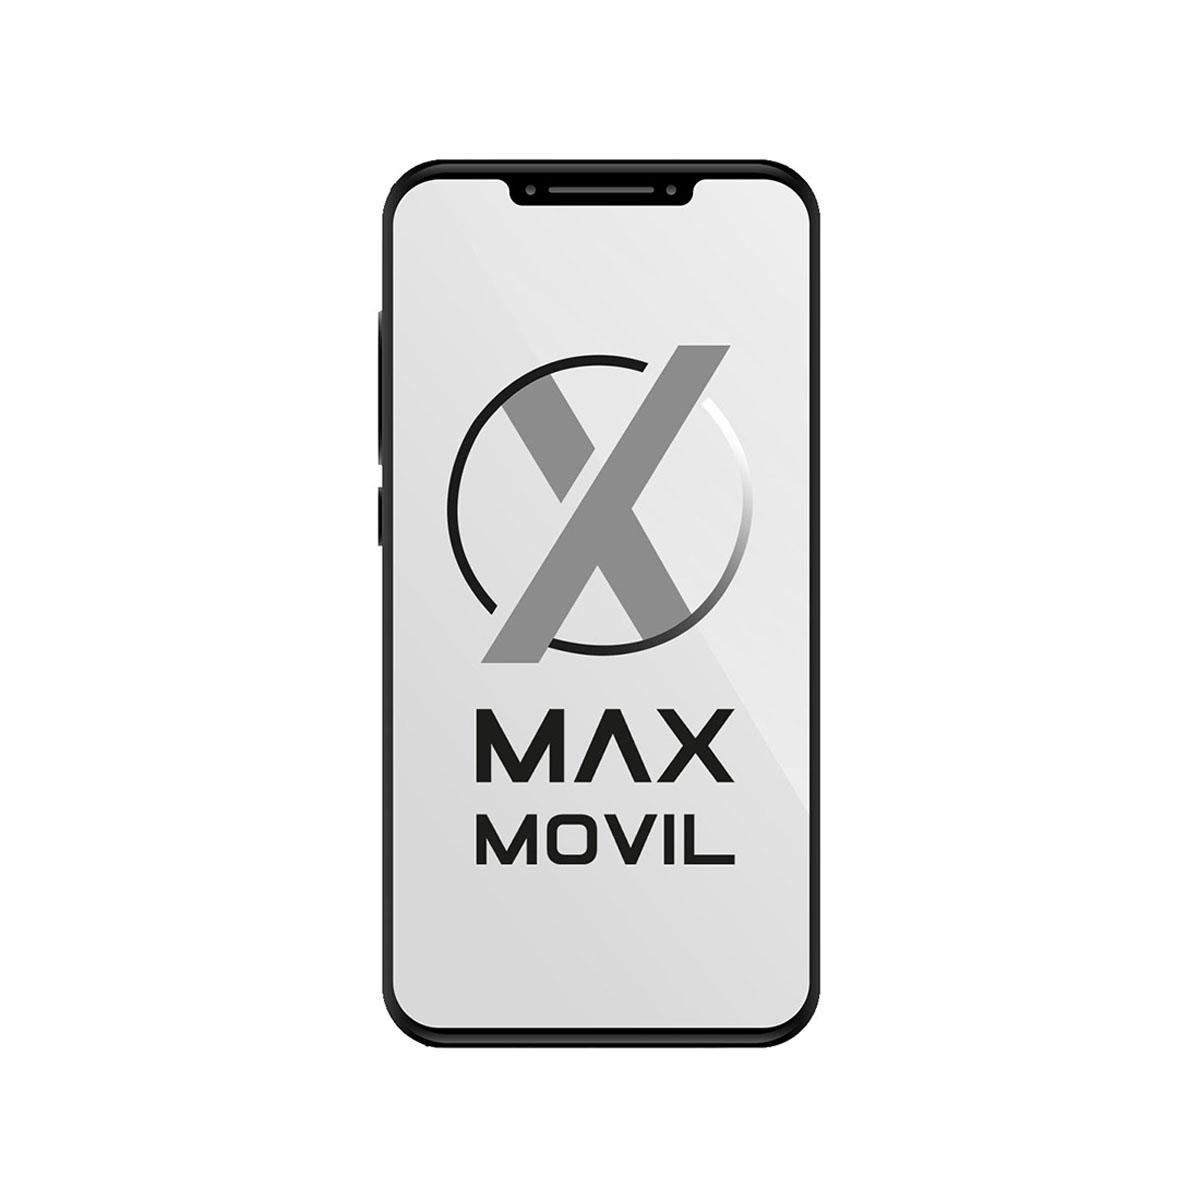 Memoria Mooster  USB 8GB TOONS blue pill mx 185